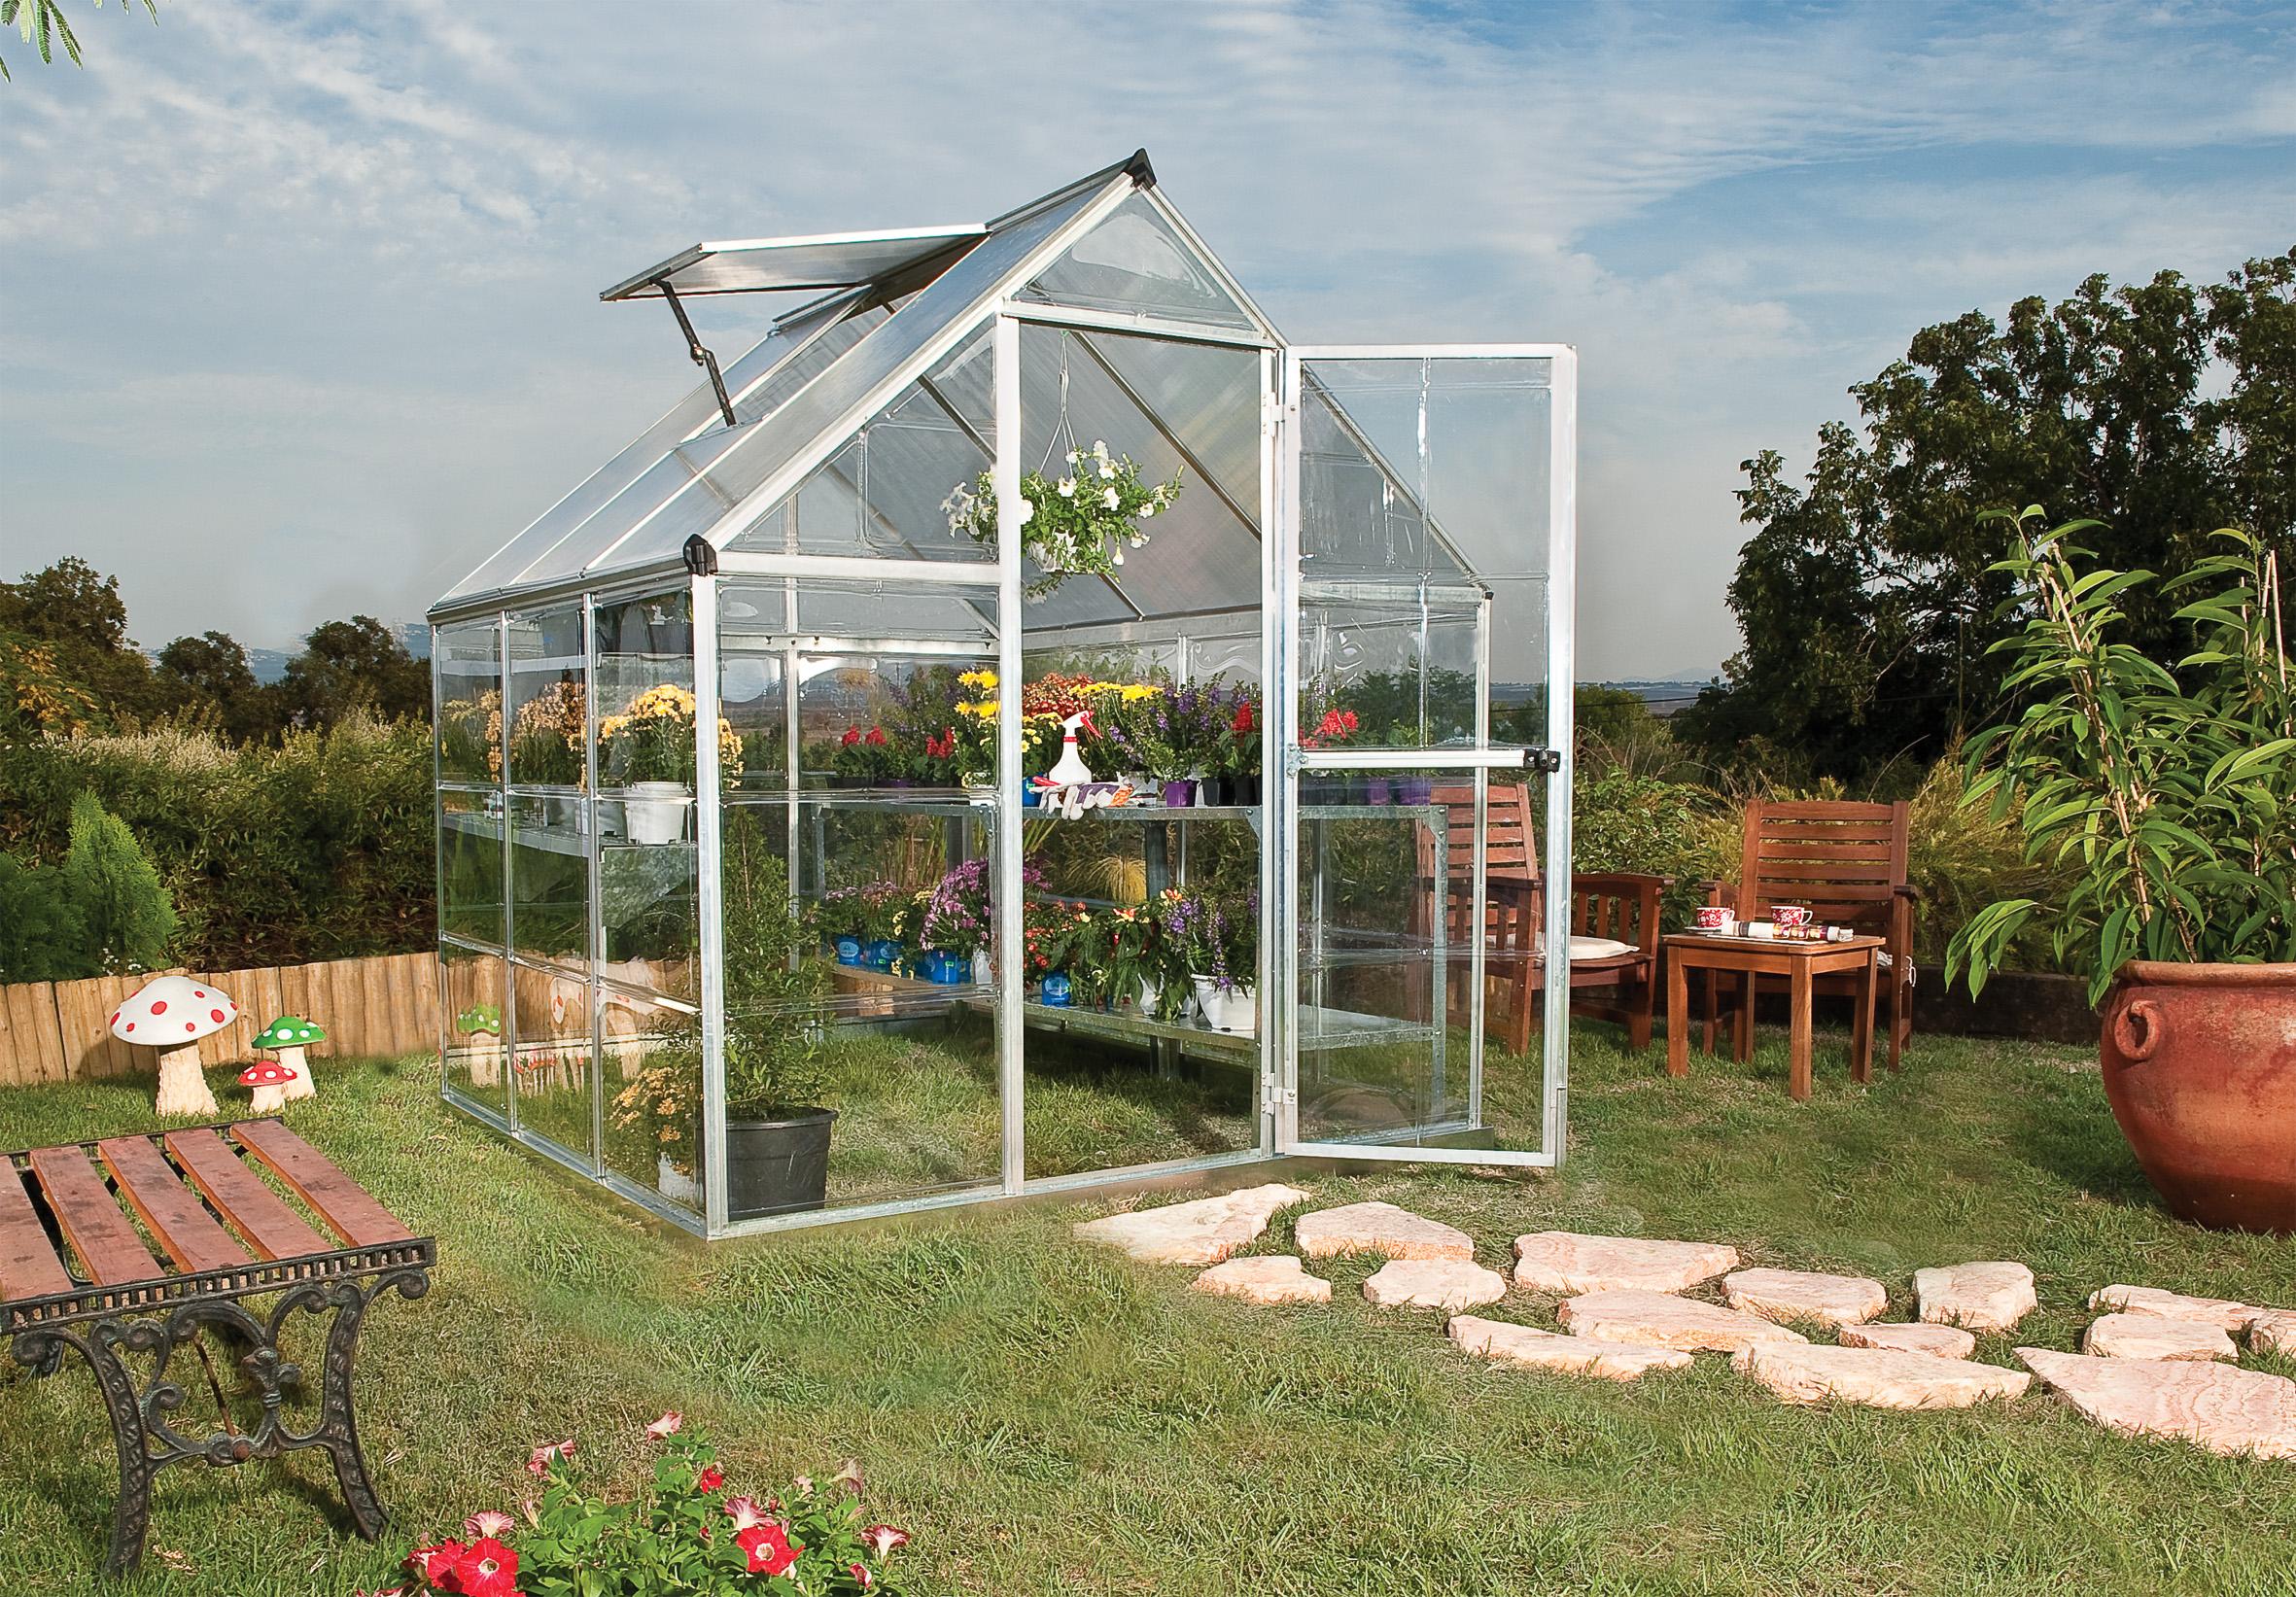 polykarbonátový skleník Palram hybrid 6x6 + ZDARMA základna skleníku + ZDARMA strunová sekačka Fieldmann FZS 2000-E + hnojivo Biocin + prodloužená ZÁRUKA 10 LET